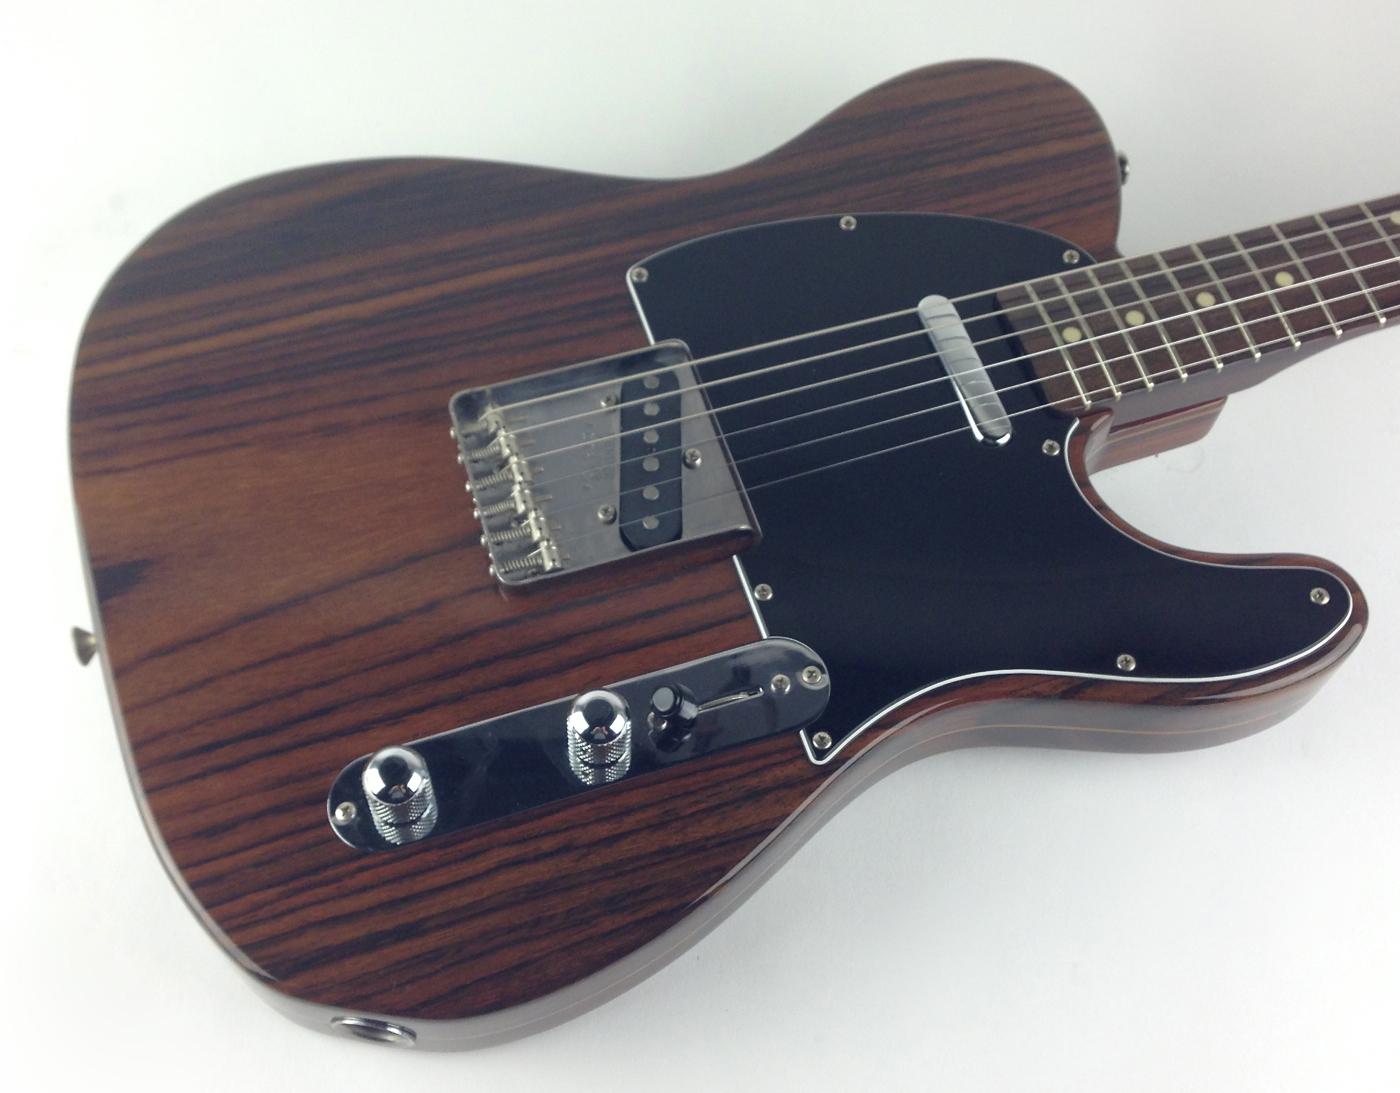 fender tl69 115 rosewood telecaster 1985 rosewood guitar for sale thunder road guitars. Black Bedroom Furniture Sets. Home Design Ideas